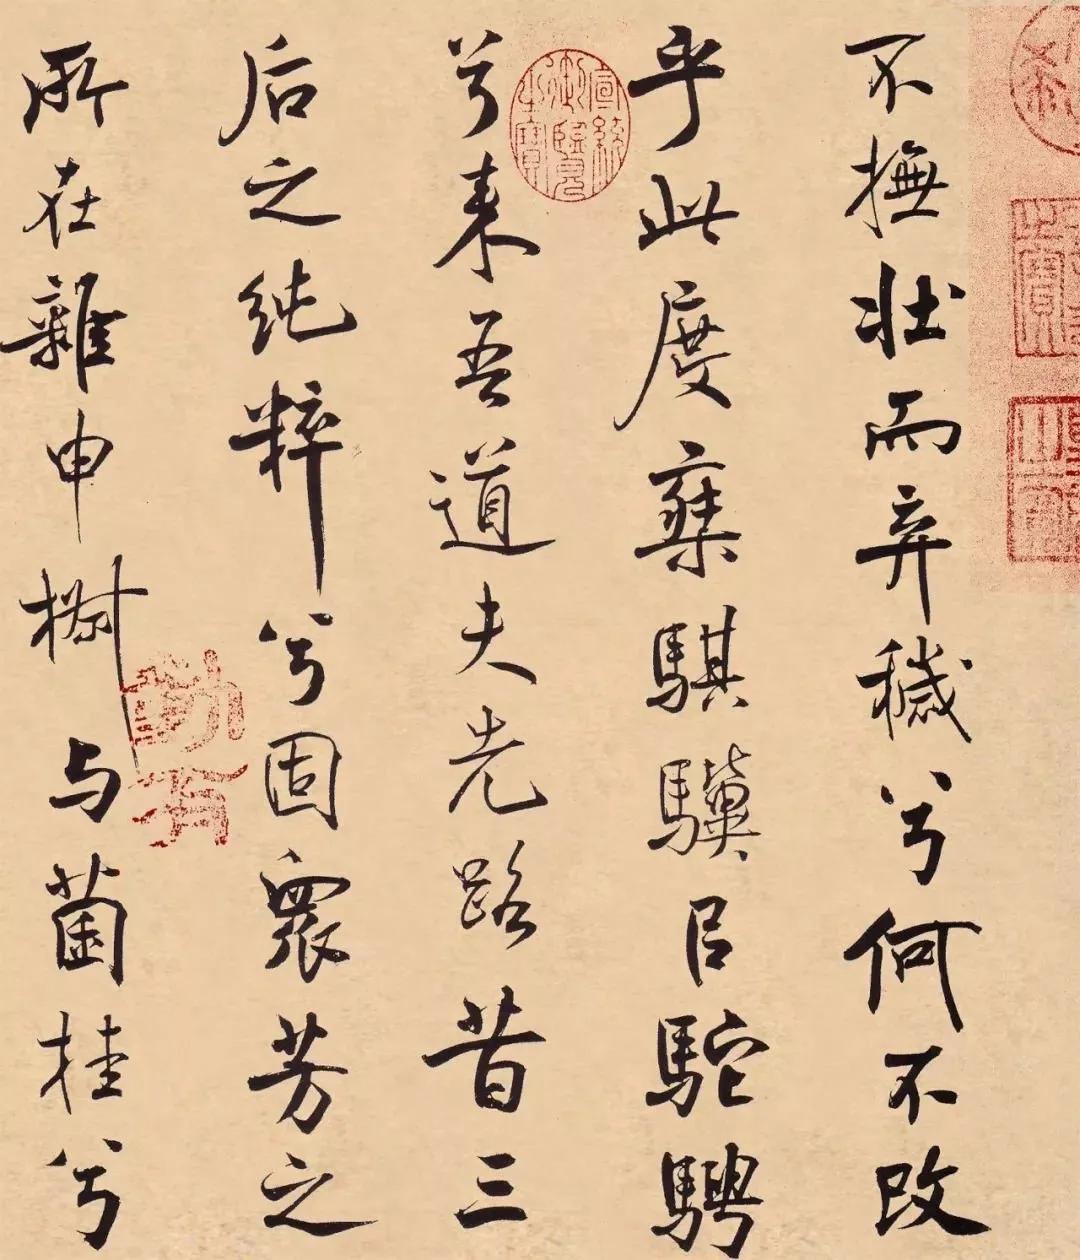 米芾31岁小行楷《离骚经》,估值超1亿元!